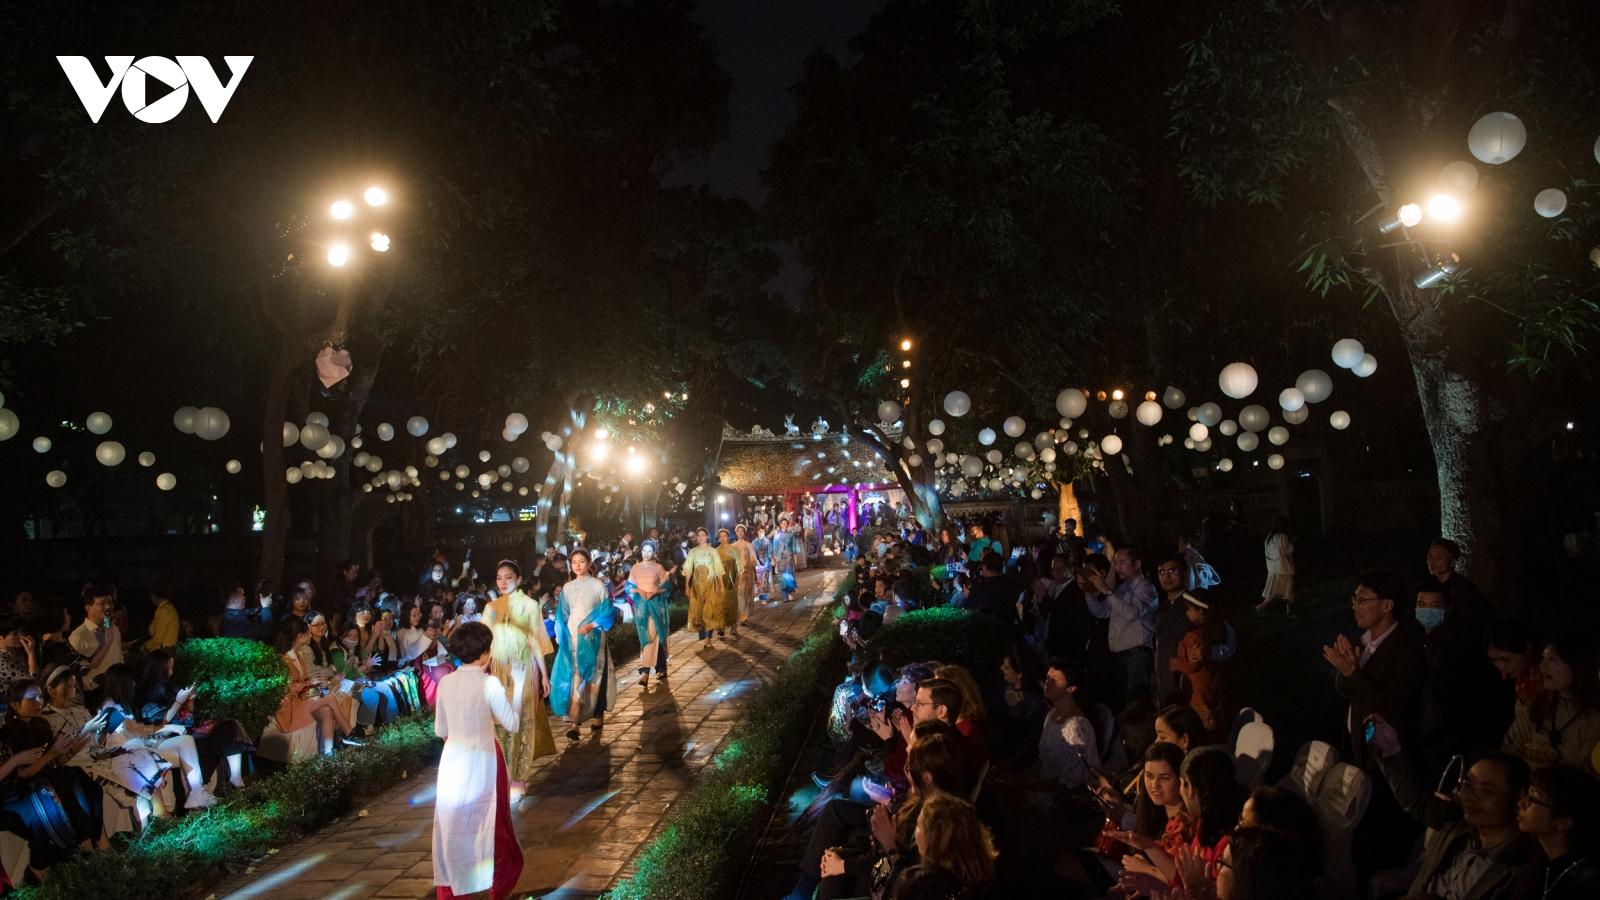 Hàng trăm người mẫu, diễn viên trình diễn hơn 600 bộ áo dài tại Văn Miếu - Quốc Tử Giám